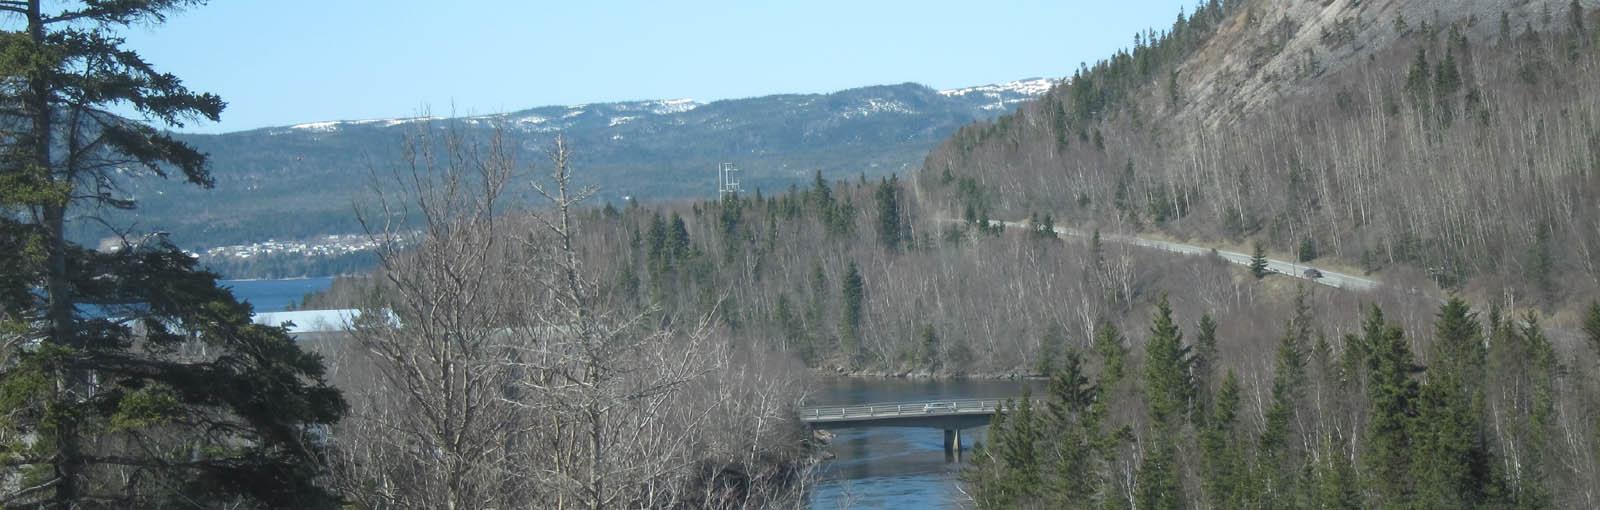 Corner Brook NL -TCH view of river -sliver